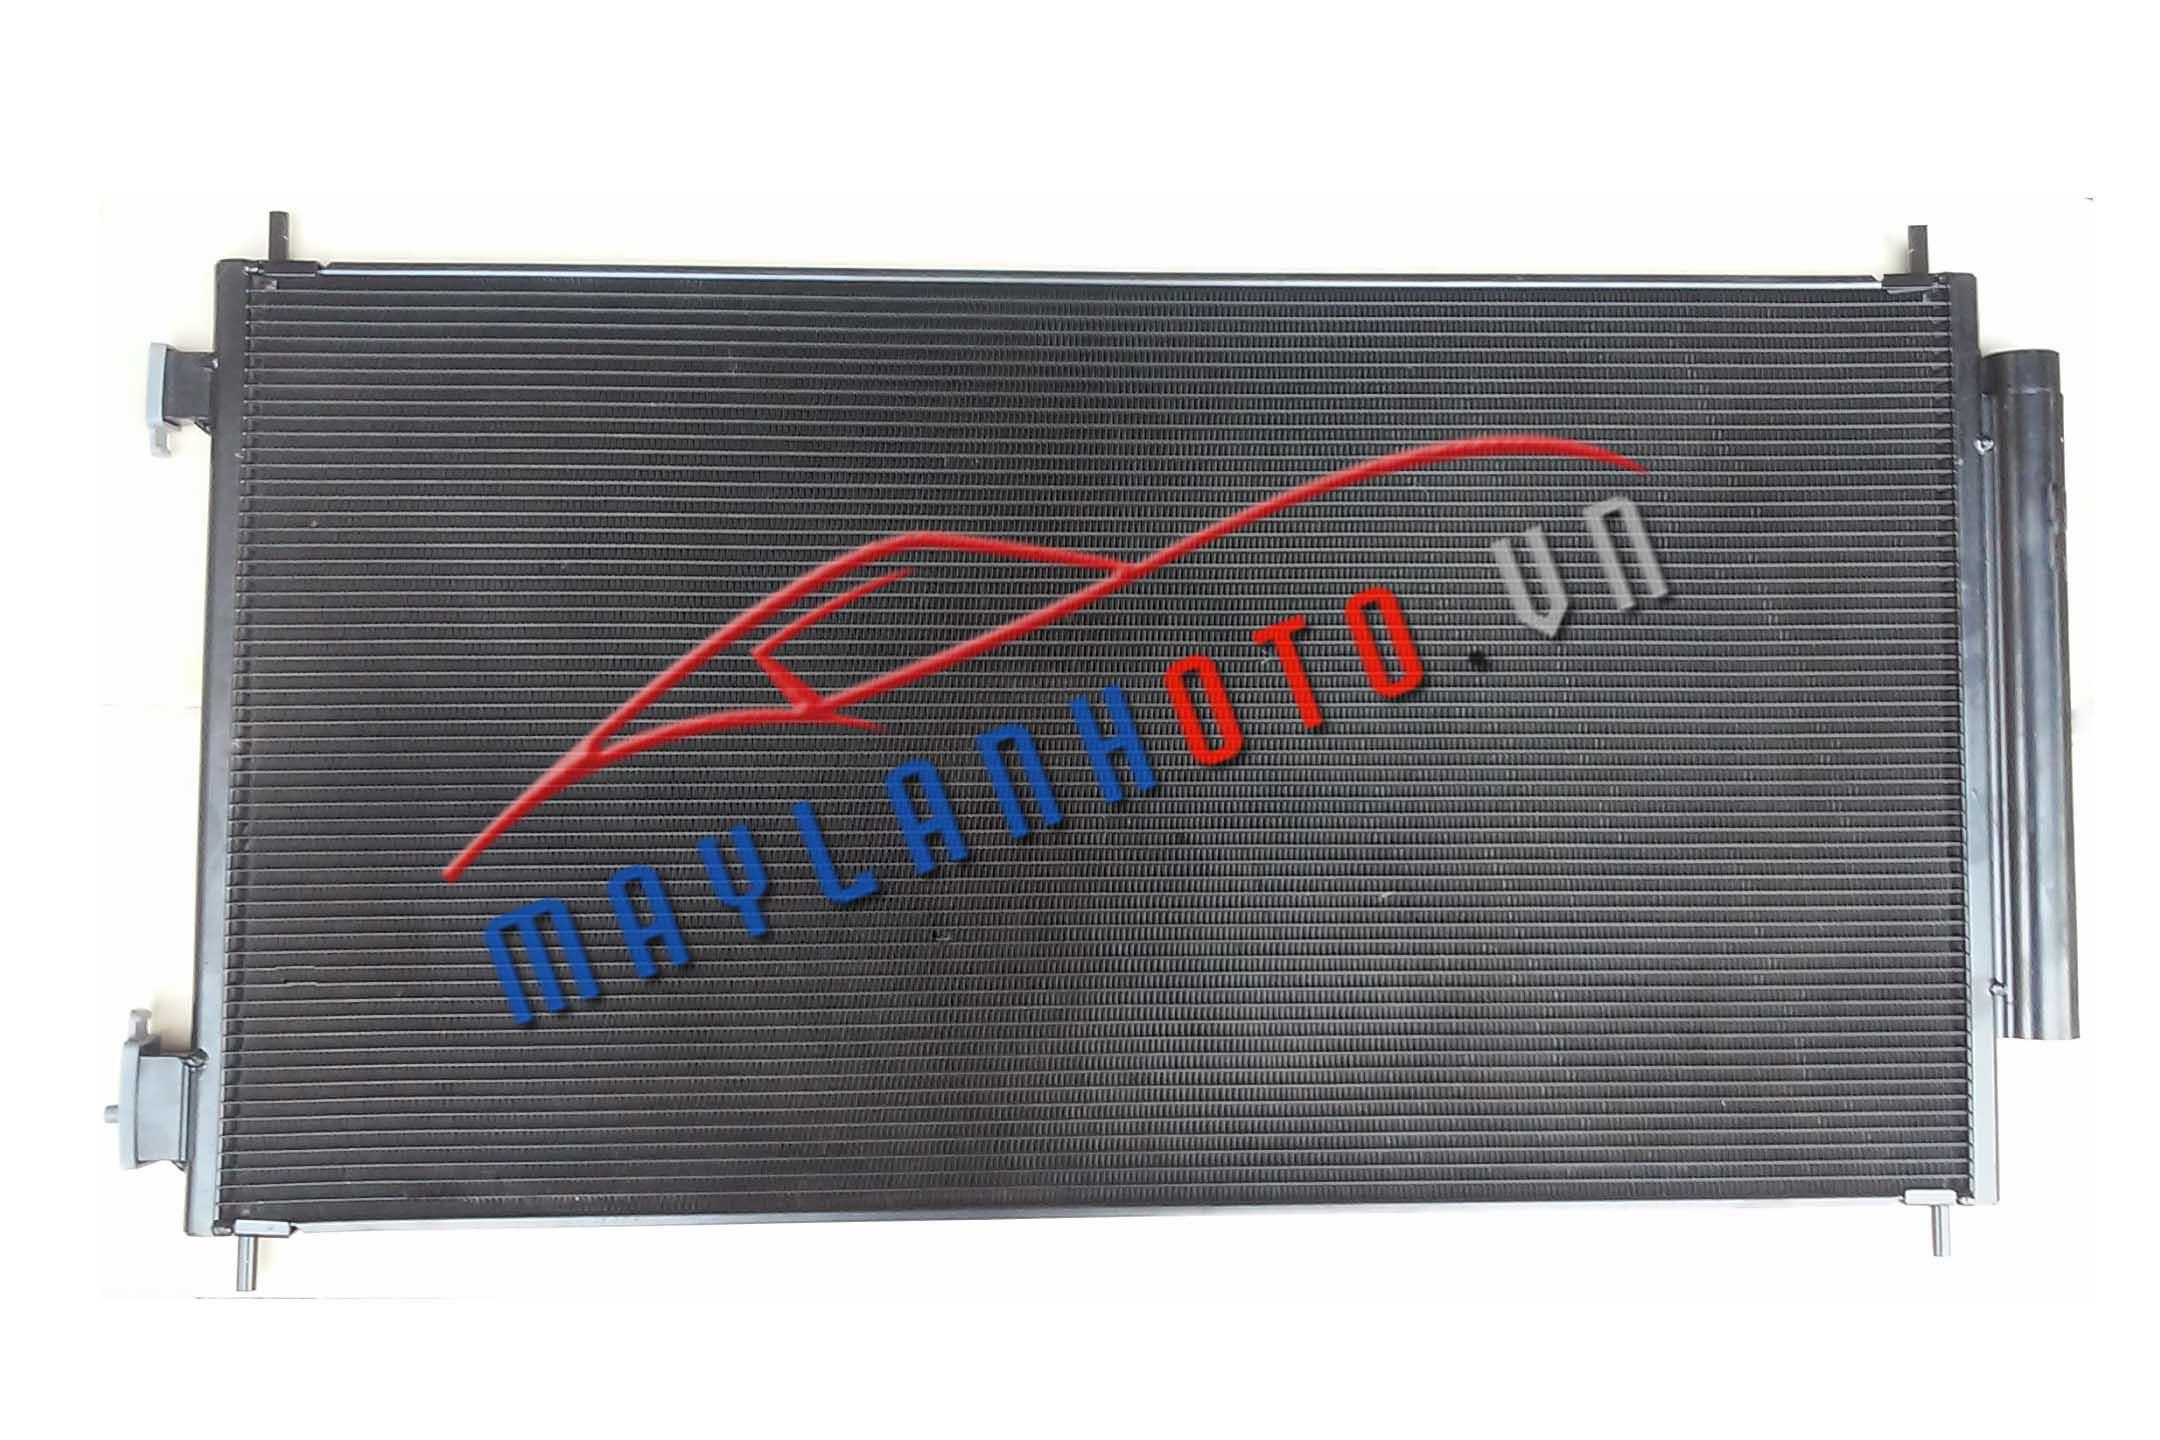 CRV 2008-2009 / Giàn nóng điều hòa Honda CRV 2008-2009 / Dàn nóng điều hòa Honda CRV 2008-2009